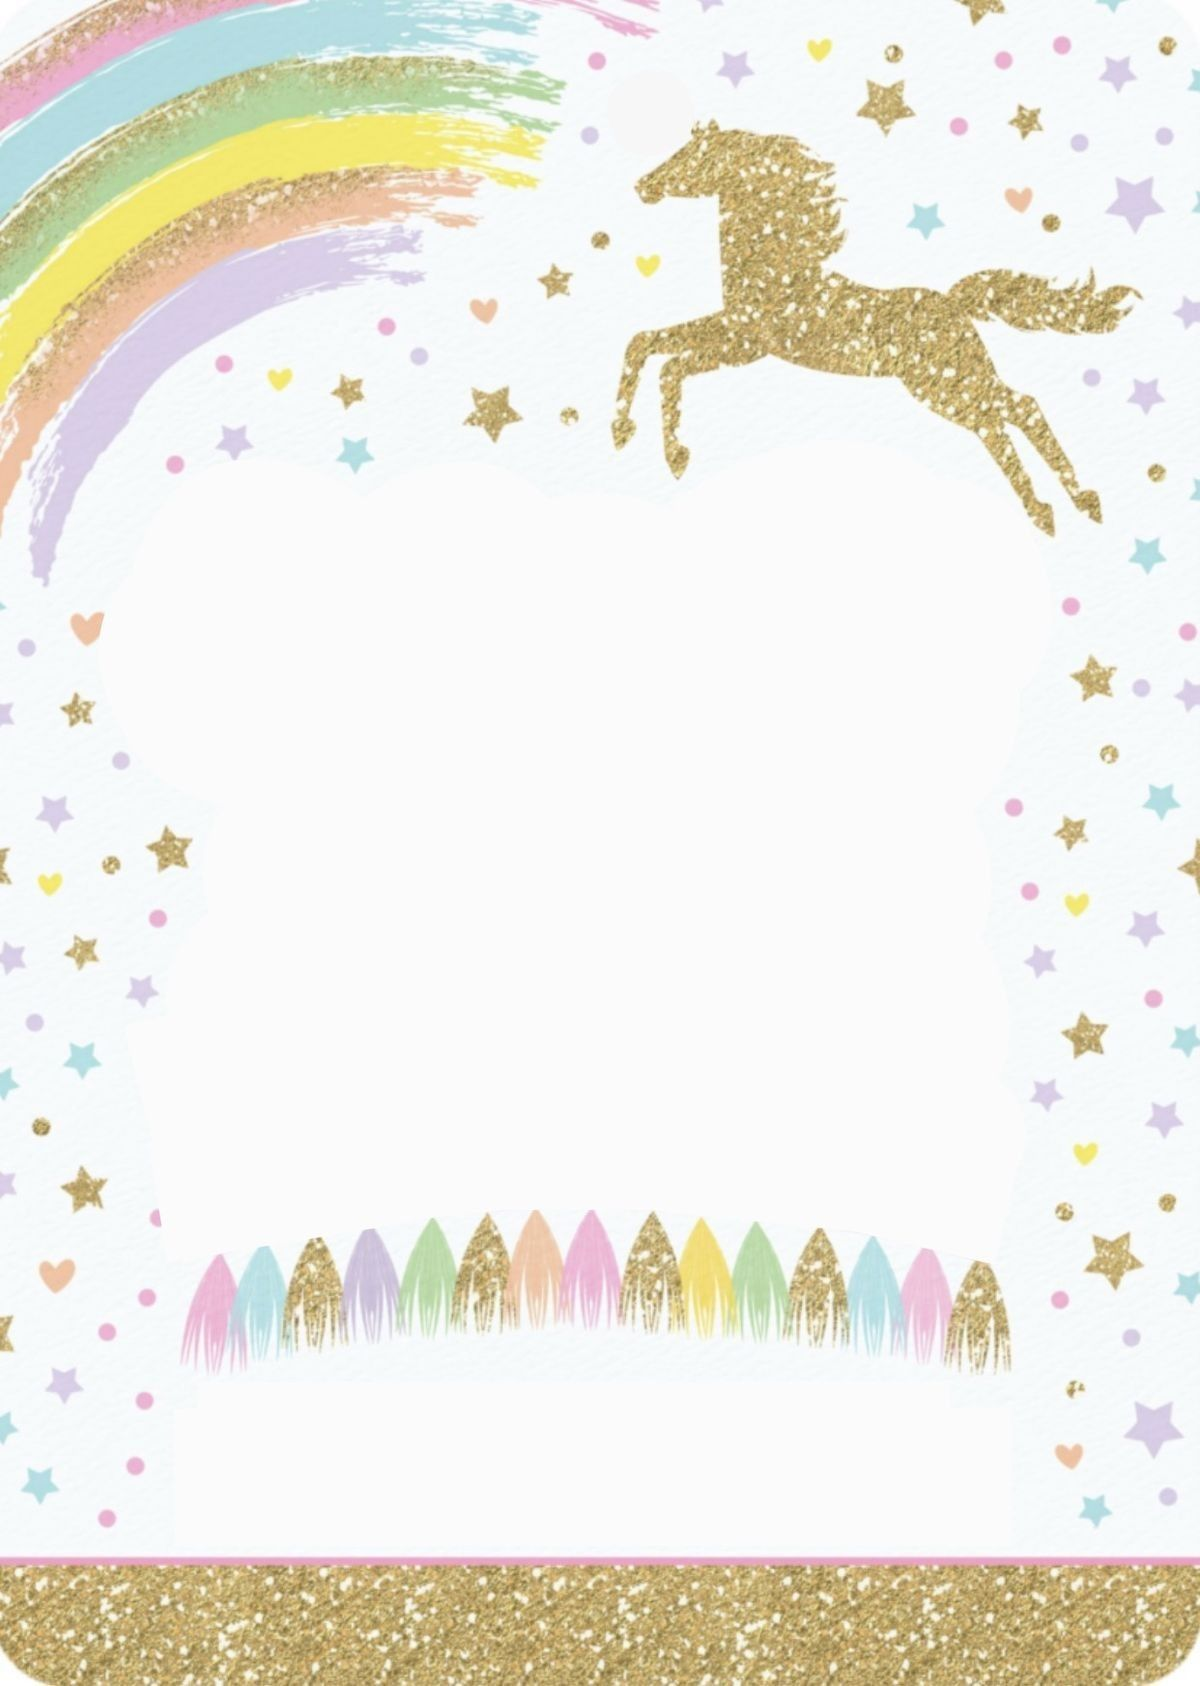 Invitación Unicornio Invitaciones Unicornio Invitaciones